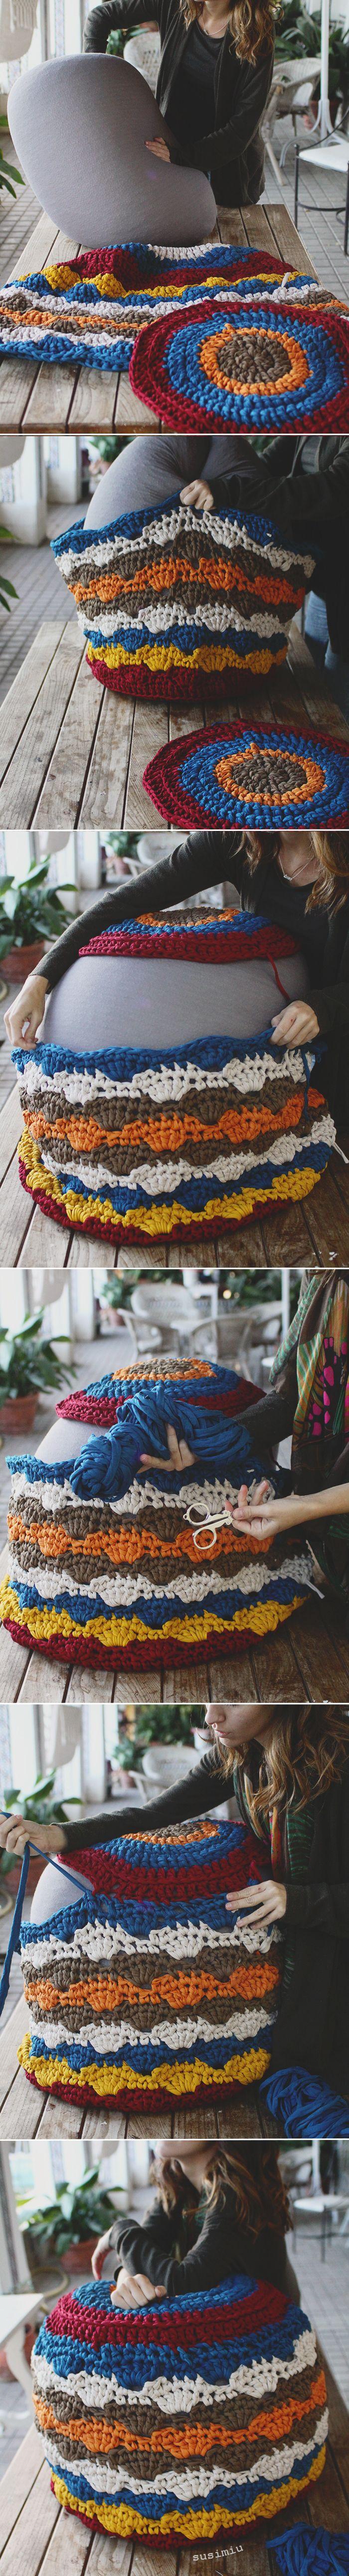 Tutorial de puff de trapillo a crochet con punto concha